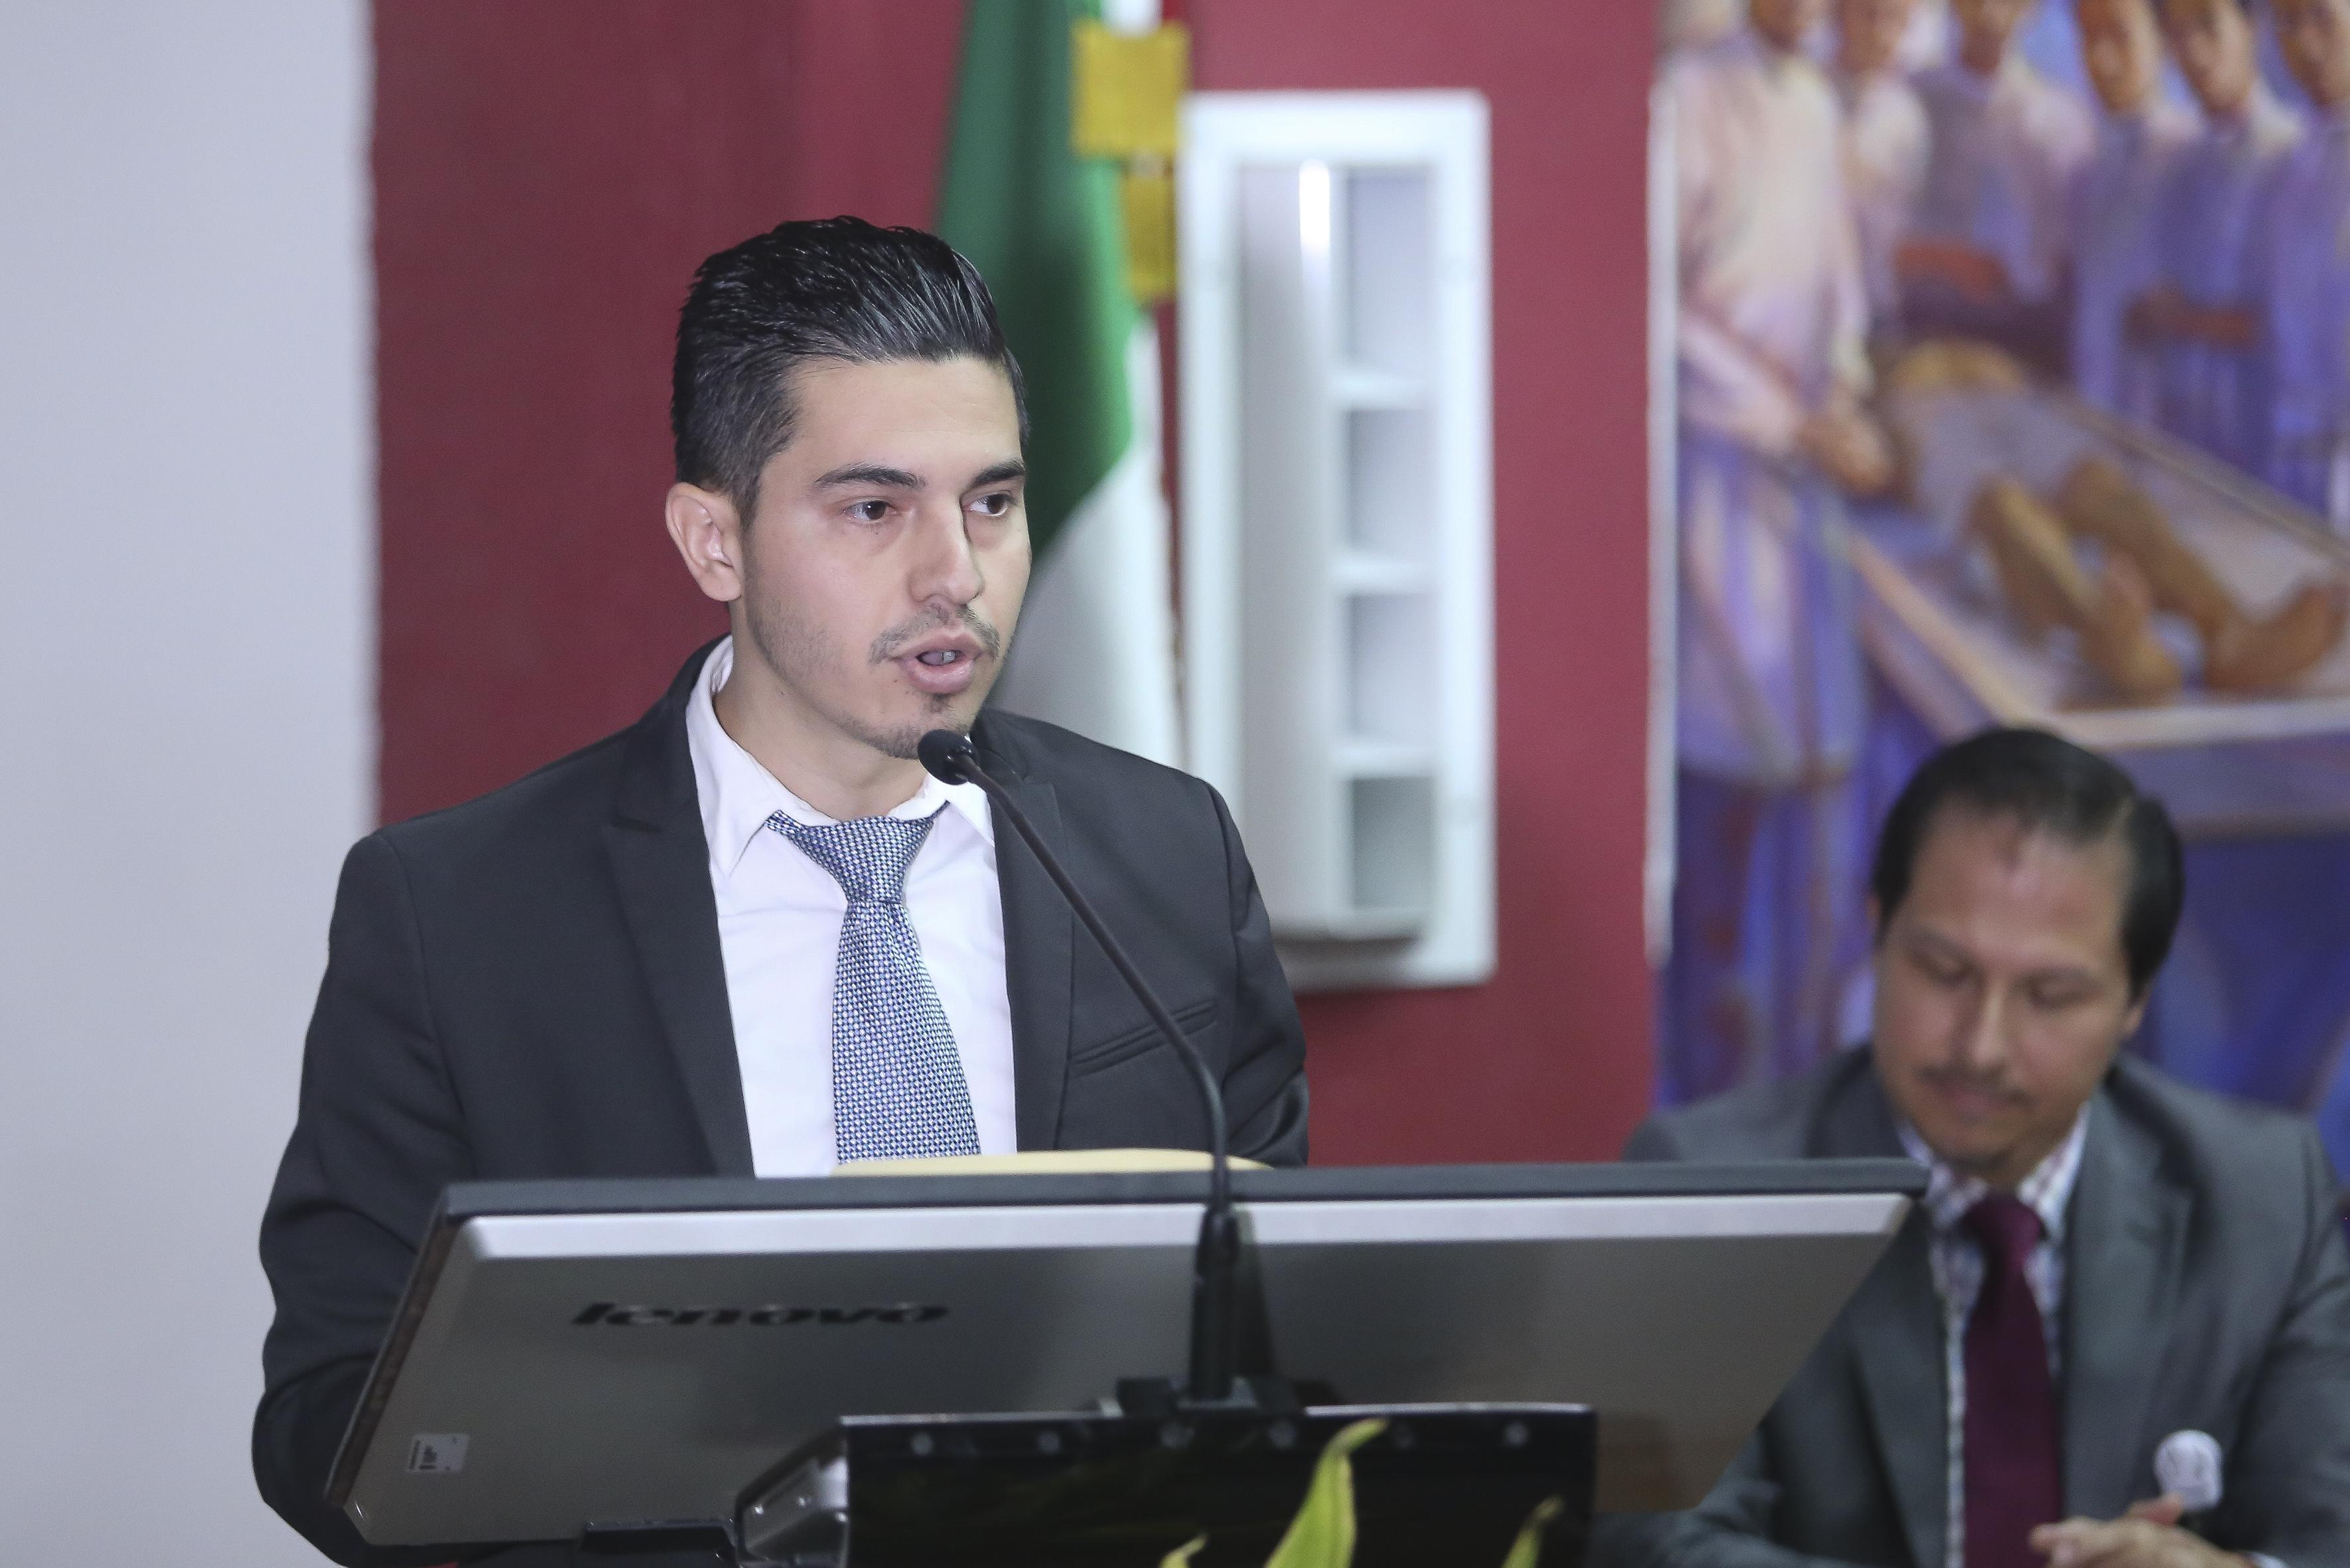 Presidente de la generación al micrófono en el podium